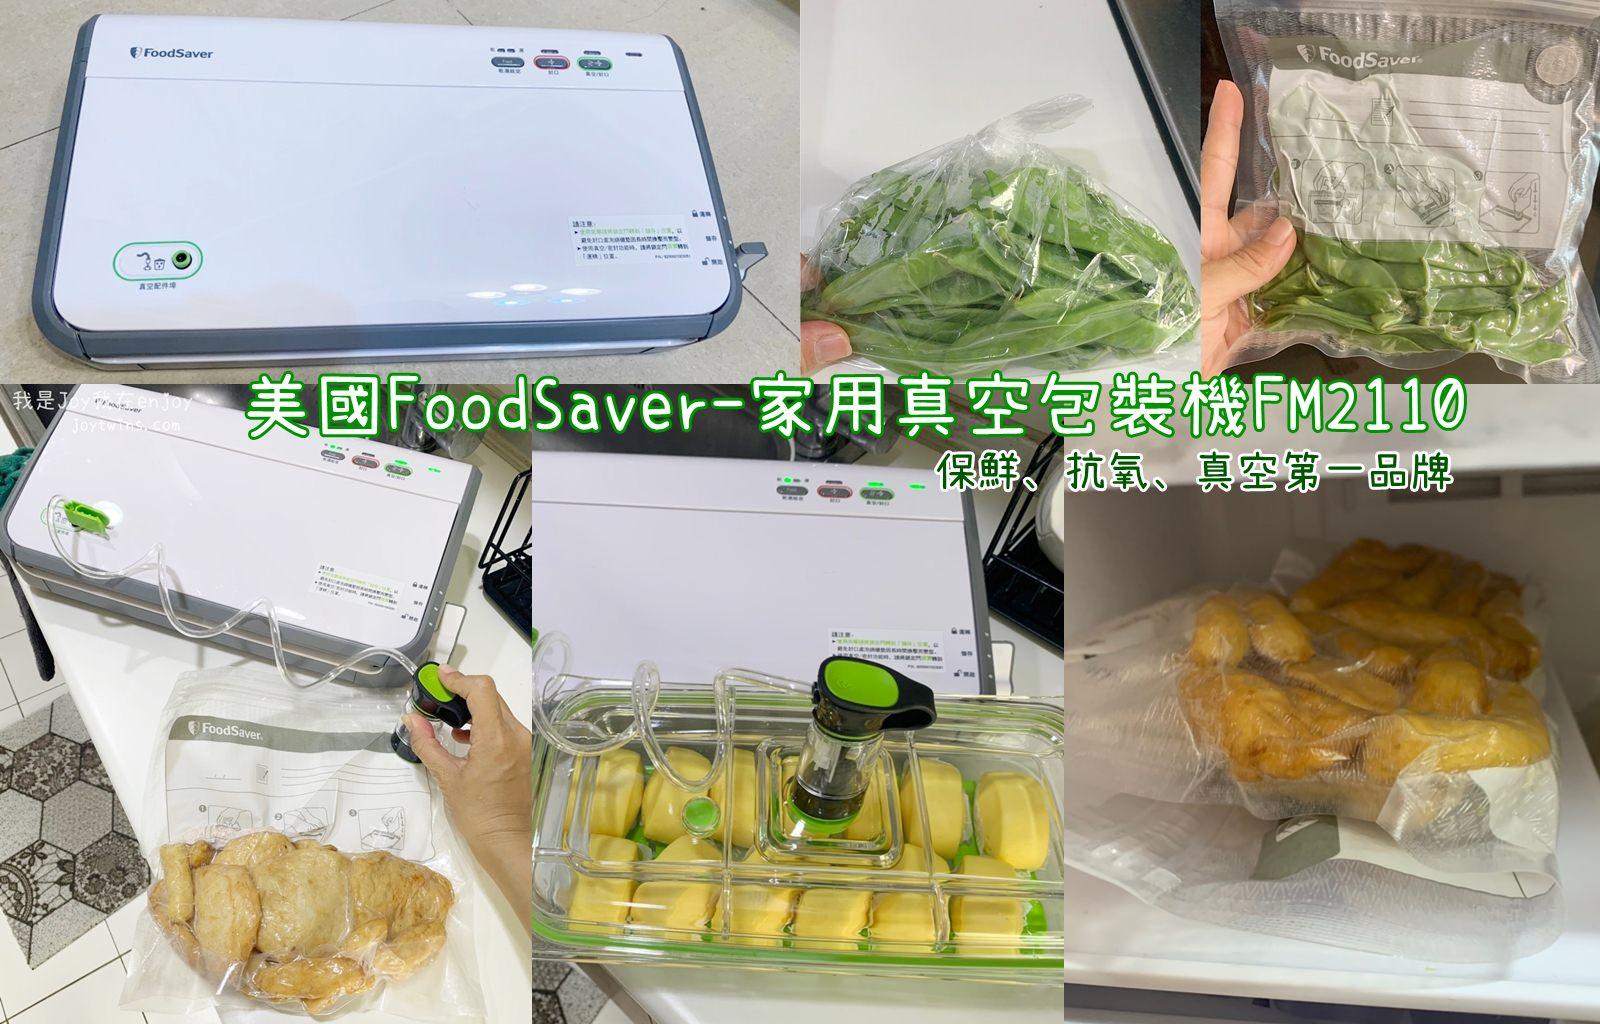 [生活好物]廚房保鮮聰明法寶~家家都應該要有這台【美國FoodSaver】家用真空包裝機FM2110,真空保鮮讓食材保存更輕鬆!